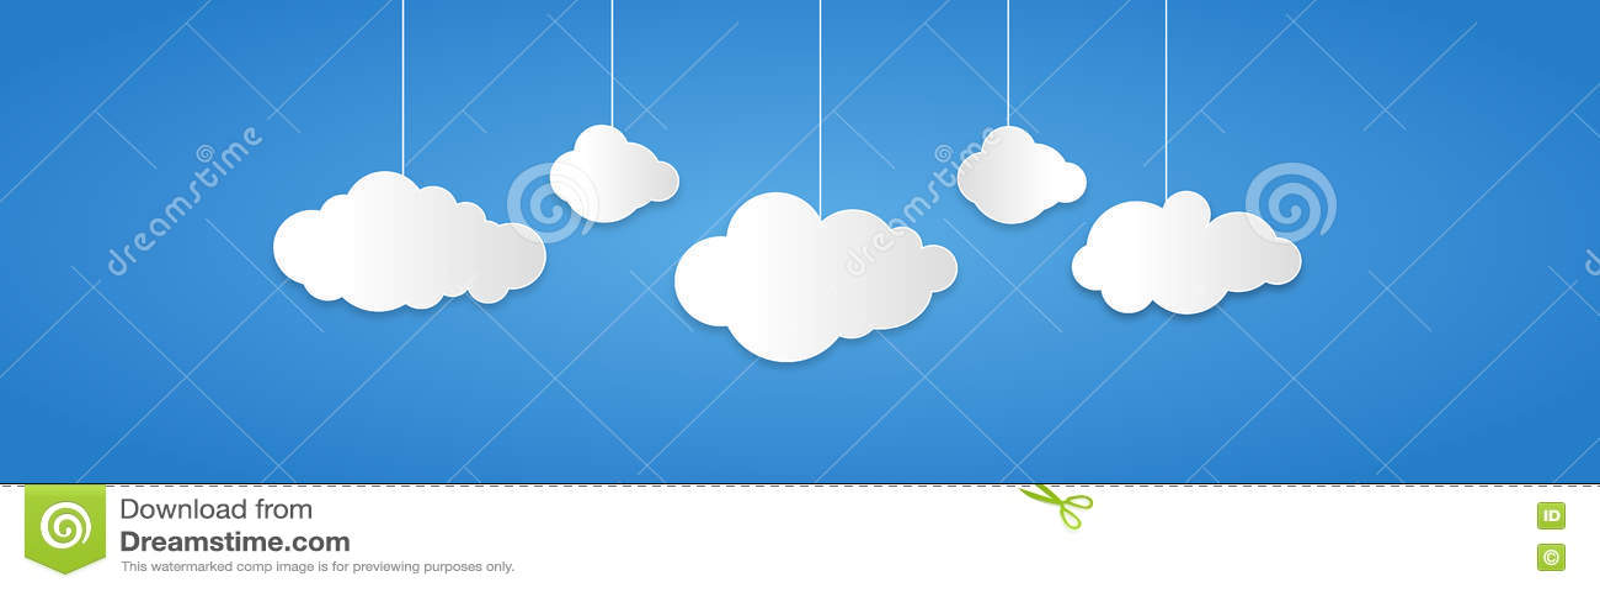 Υπόβαθρο που αποτελείται από τα σύννεφα της Λευκής Βίβλου πέρα από το μπλε επίσης corel σύρετε το διάνυσμα απεικόνισης